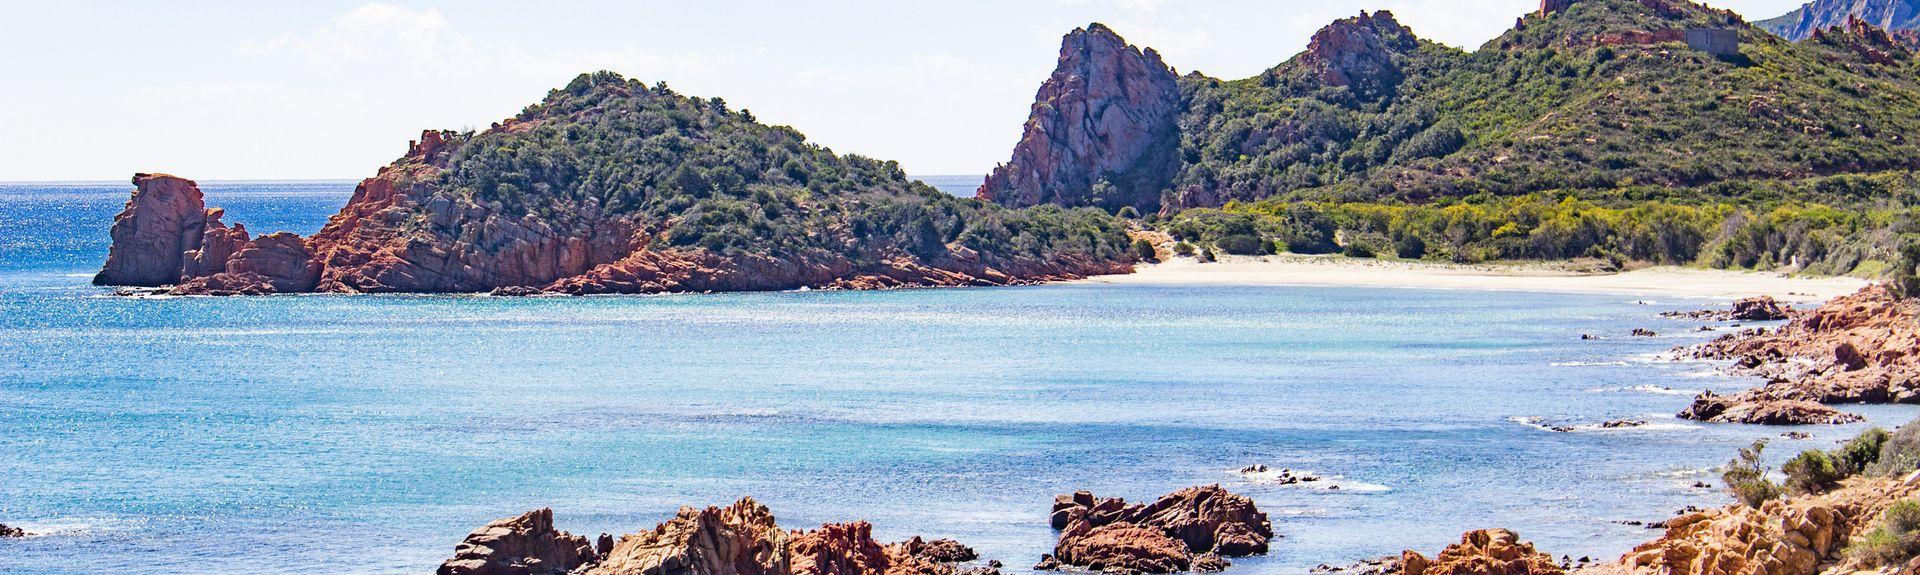 Lanusei, Sardinia, Italy